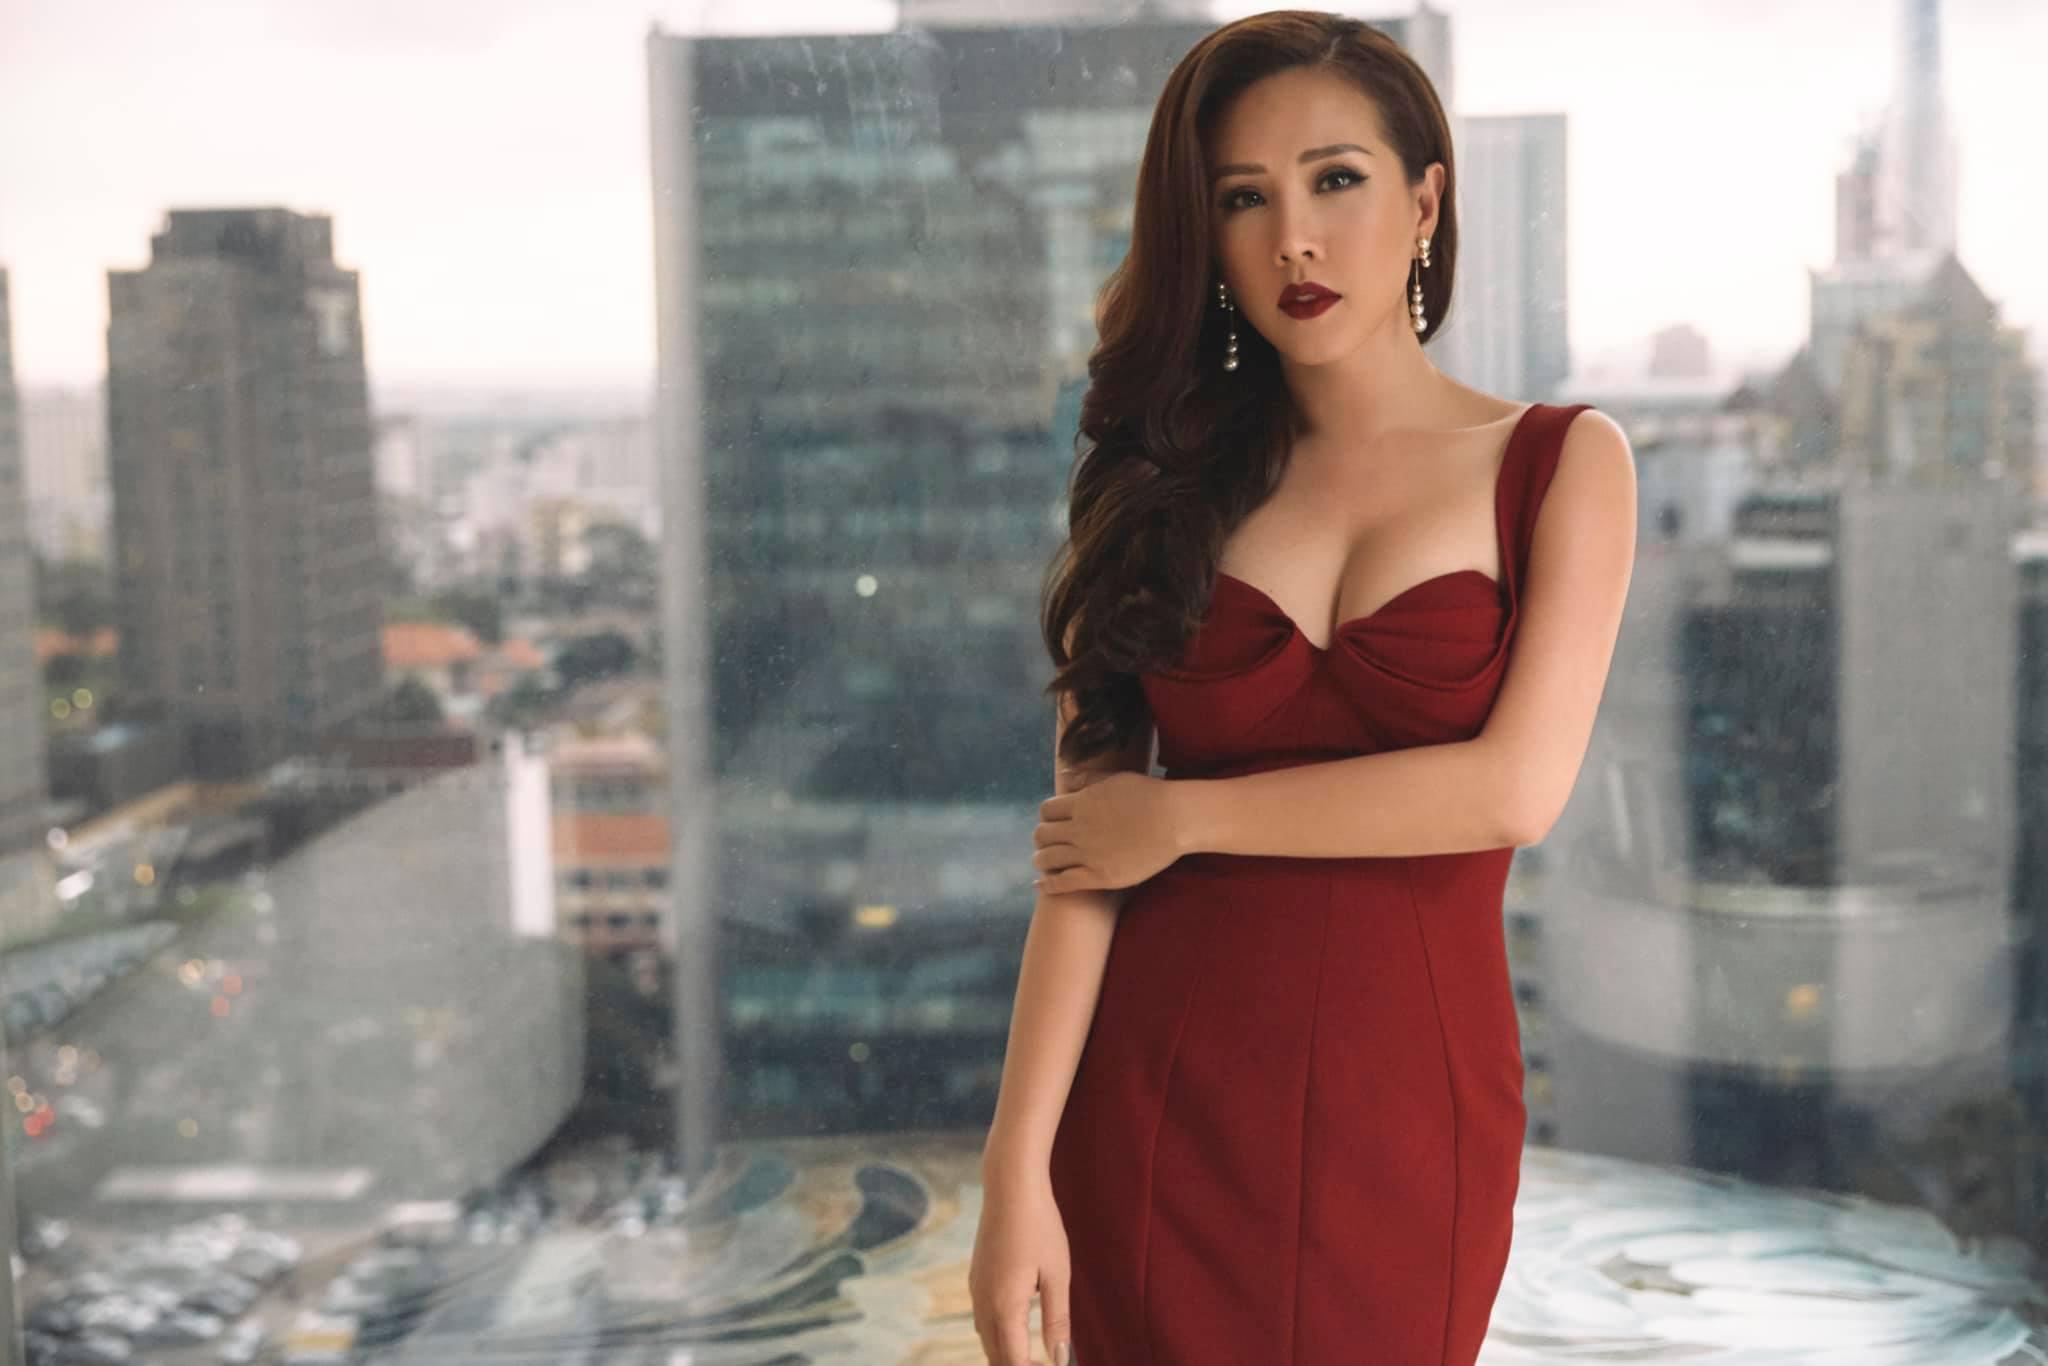 Hoa hậu có hợp đồng hôn nhân triệu đô với bạn trai Việt kiều, kiếm 10 tỷ mỗi tháng: Sự thật ngã ngửa - 1